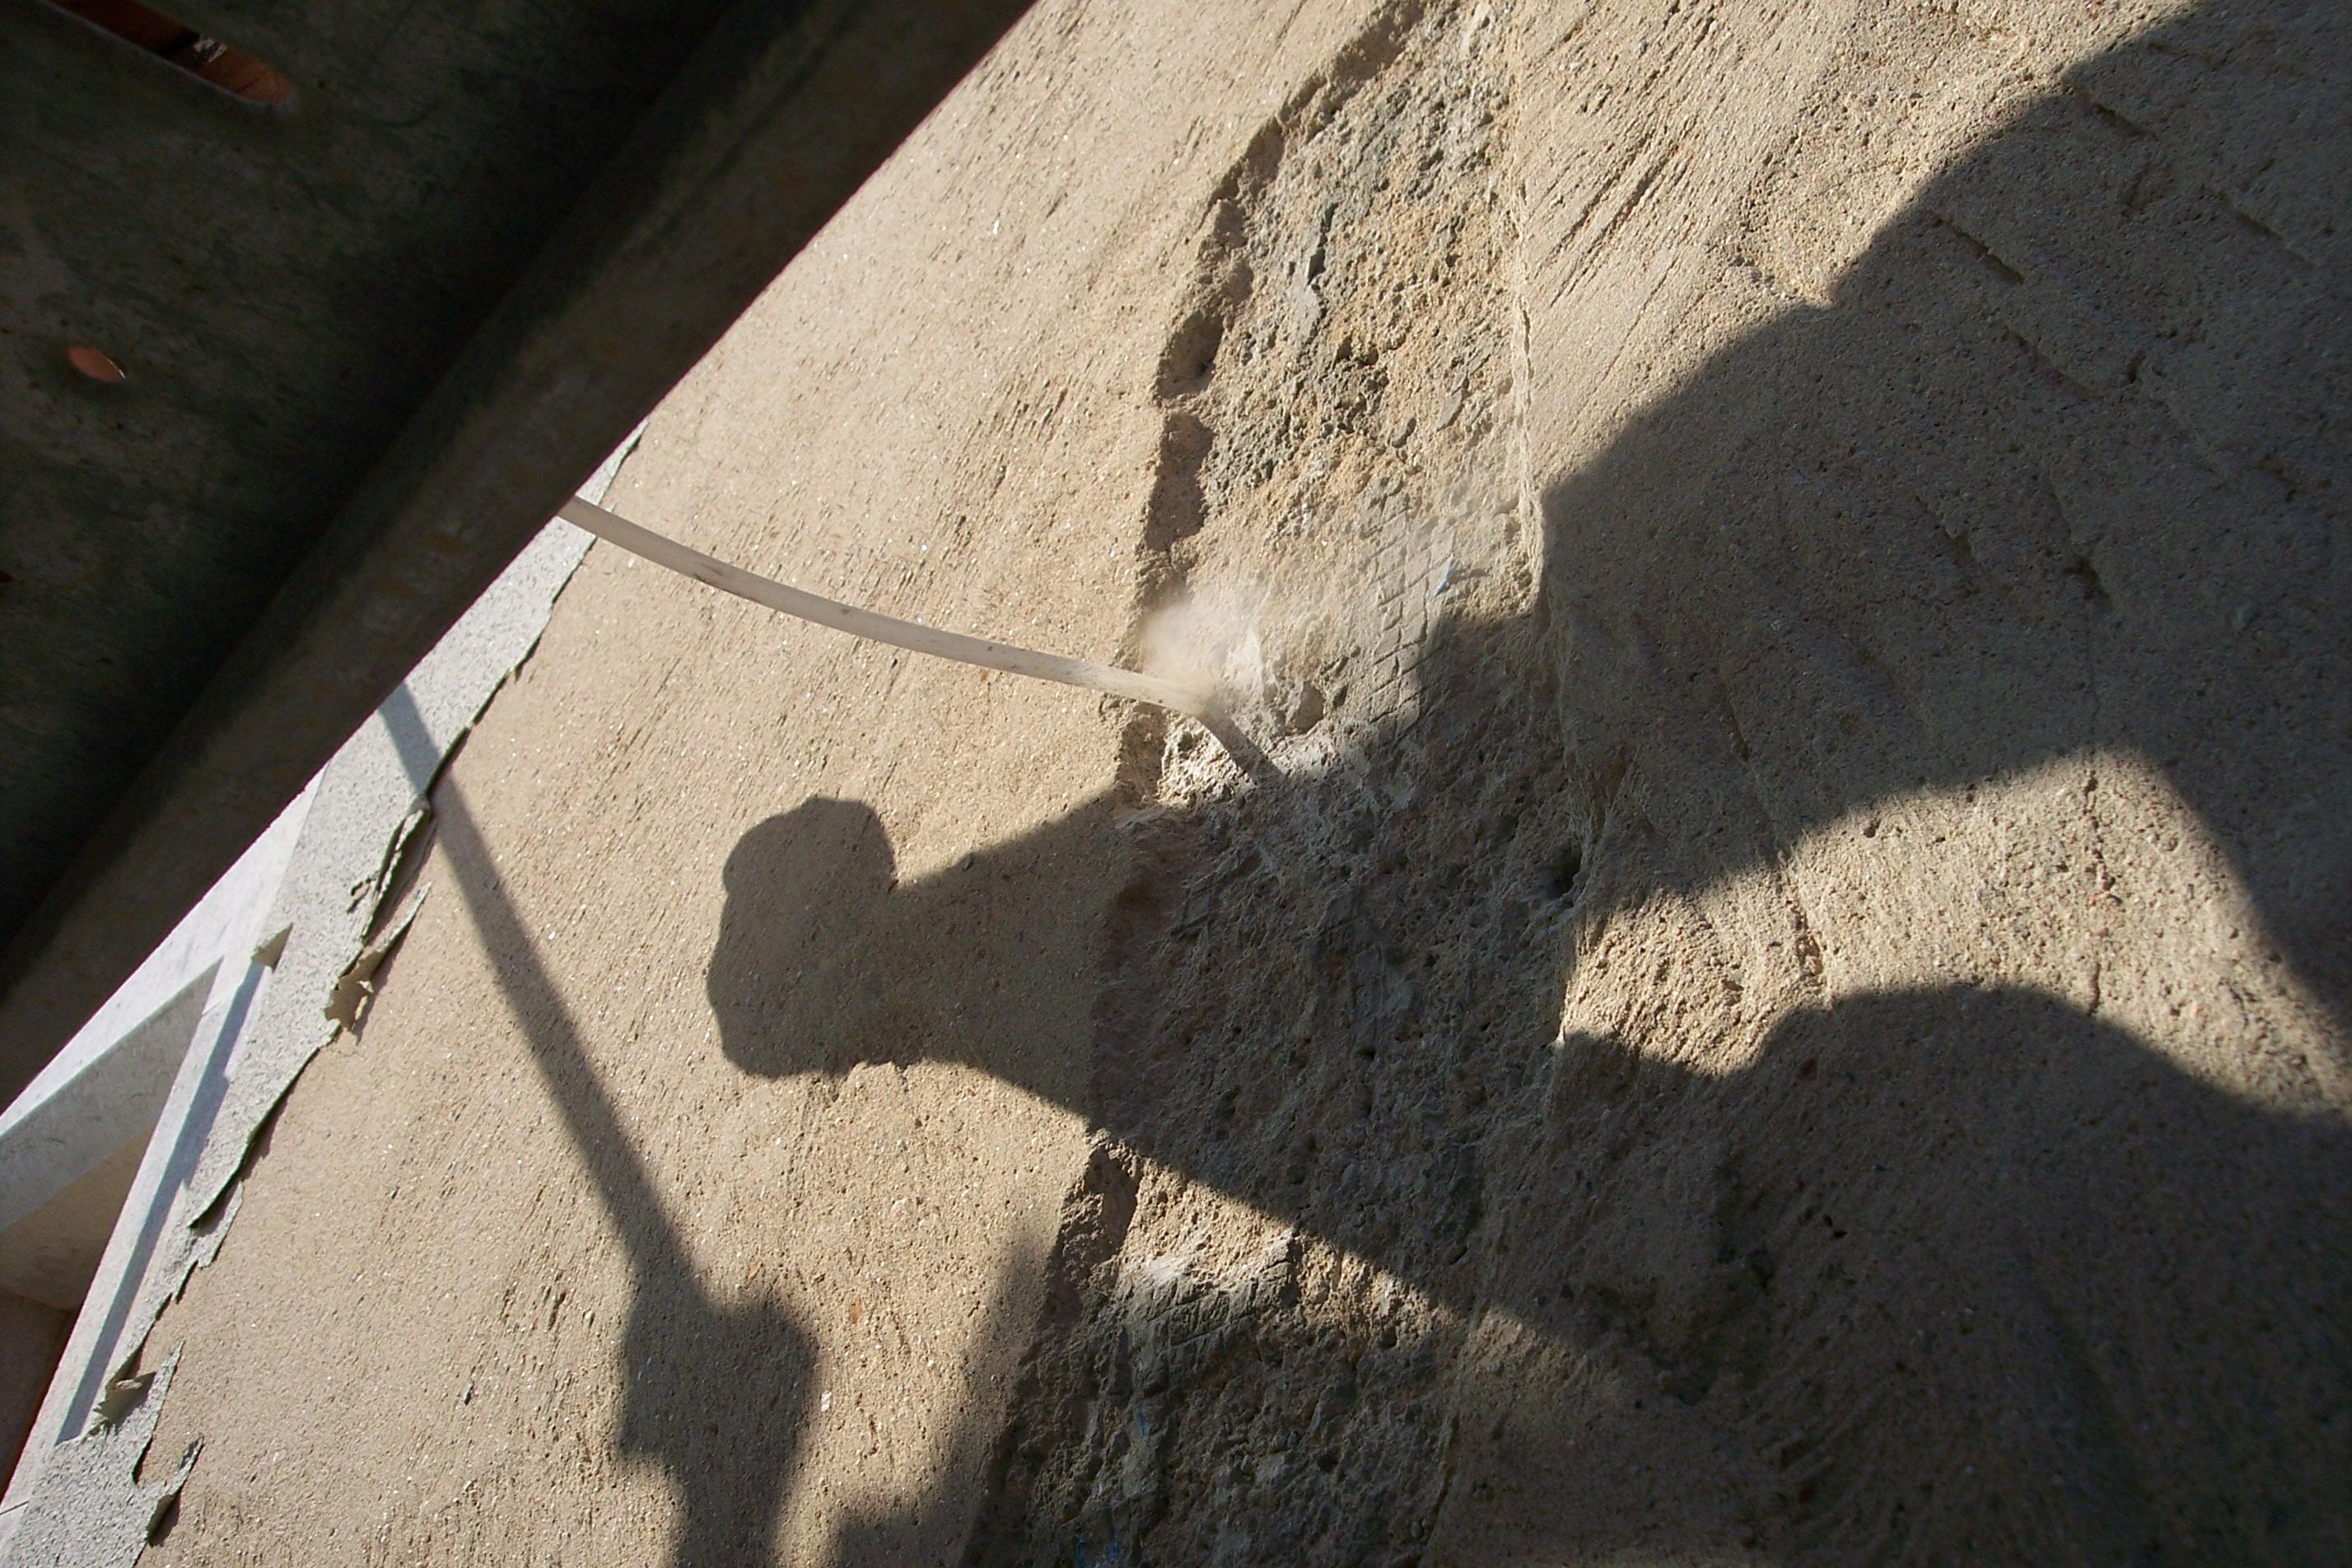 Soplador de agujeros para posterior colocacion de grapas metalicas para fachadas